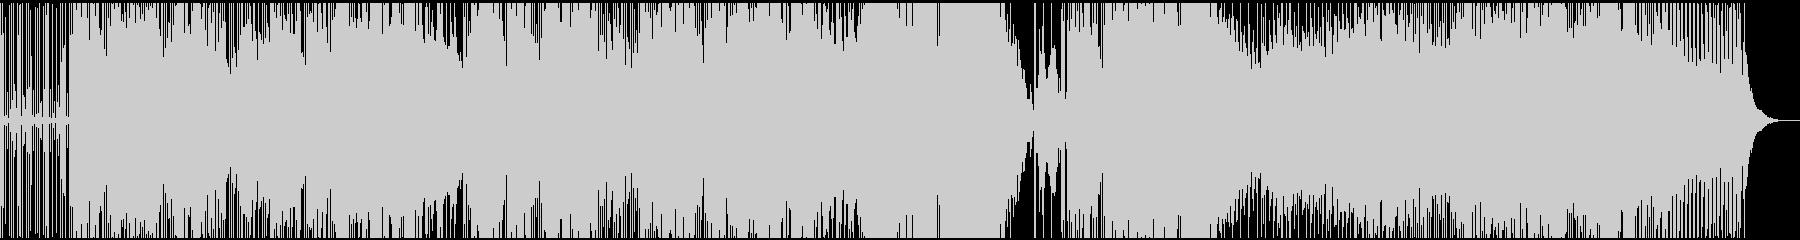 サイケデリックな間奏を伴うカントリ...の未再生の波形